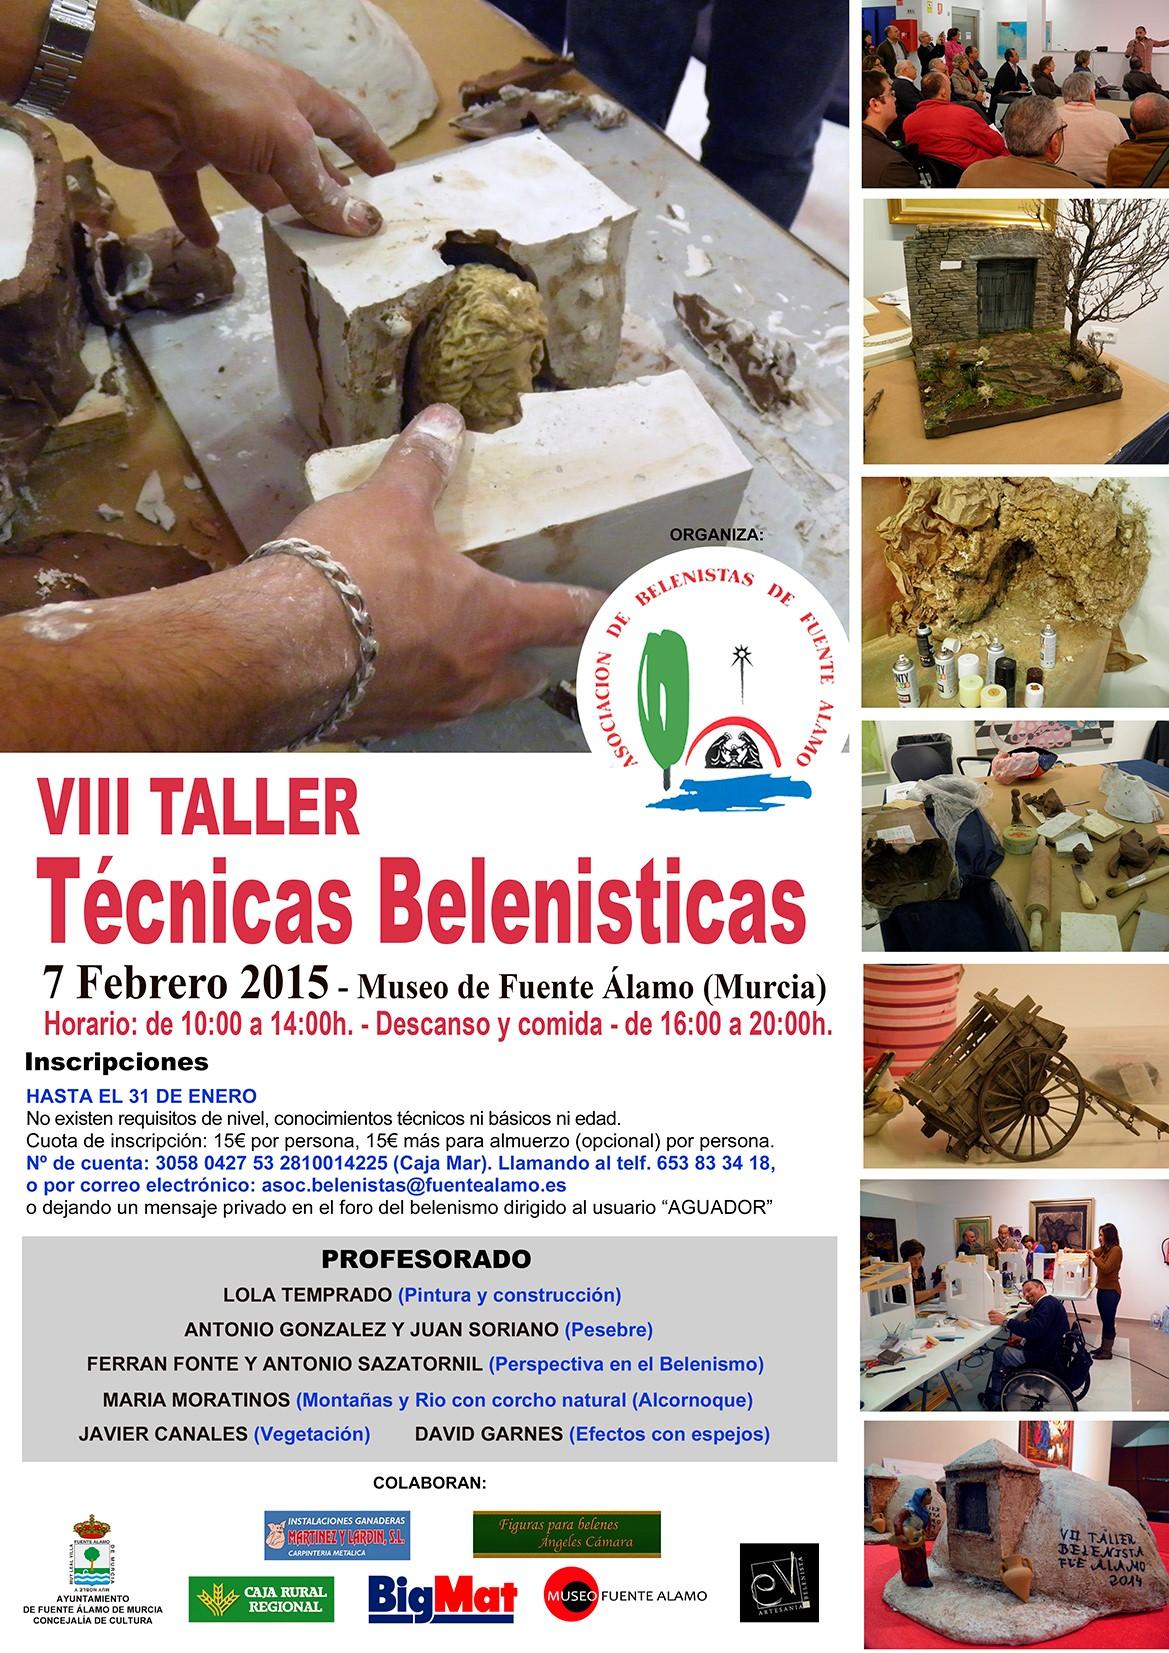 Cartel VIII Taller de Técnicas Belenistas - Asociación de Belenistas de Fuente Álamo